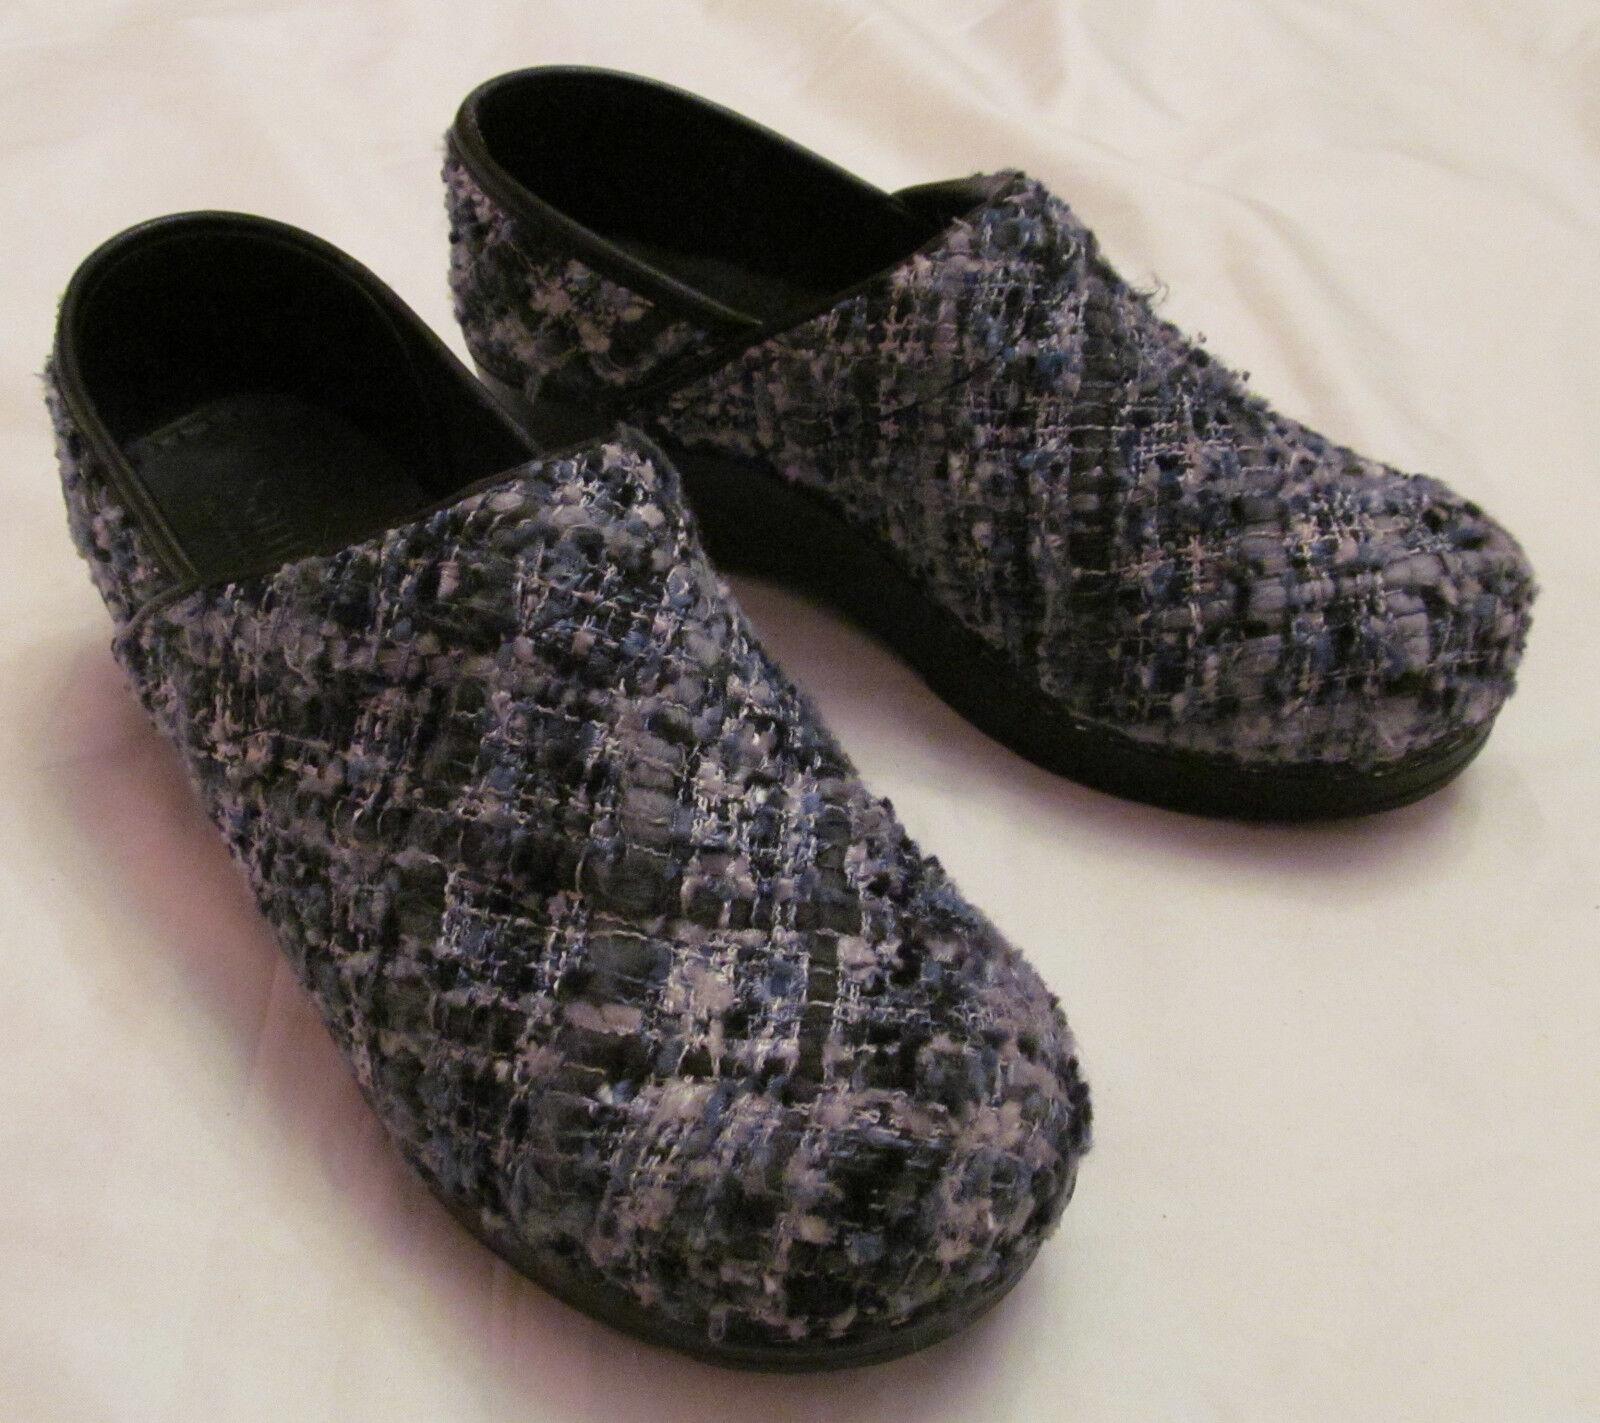 sconto di vendita SANITA SANITA SANITA tweed knobby fabric in blu clogs 38 8 M  scelte con prezzo basso